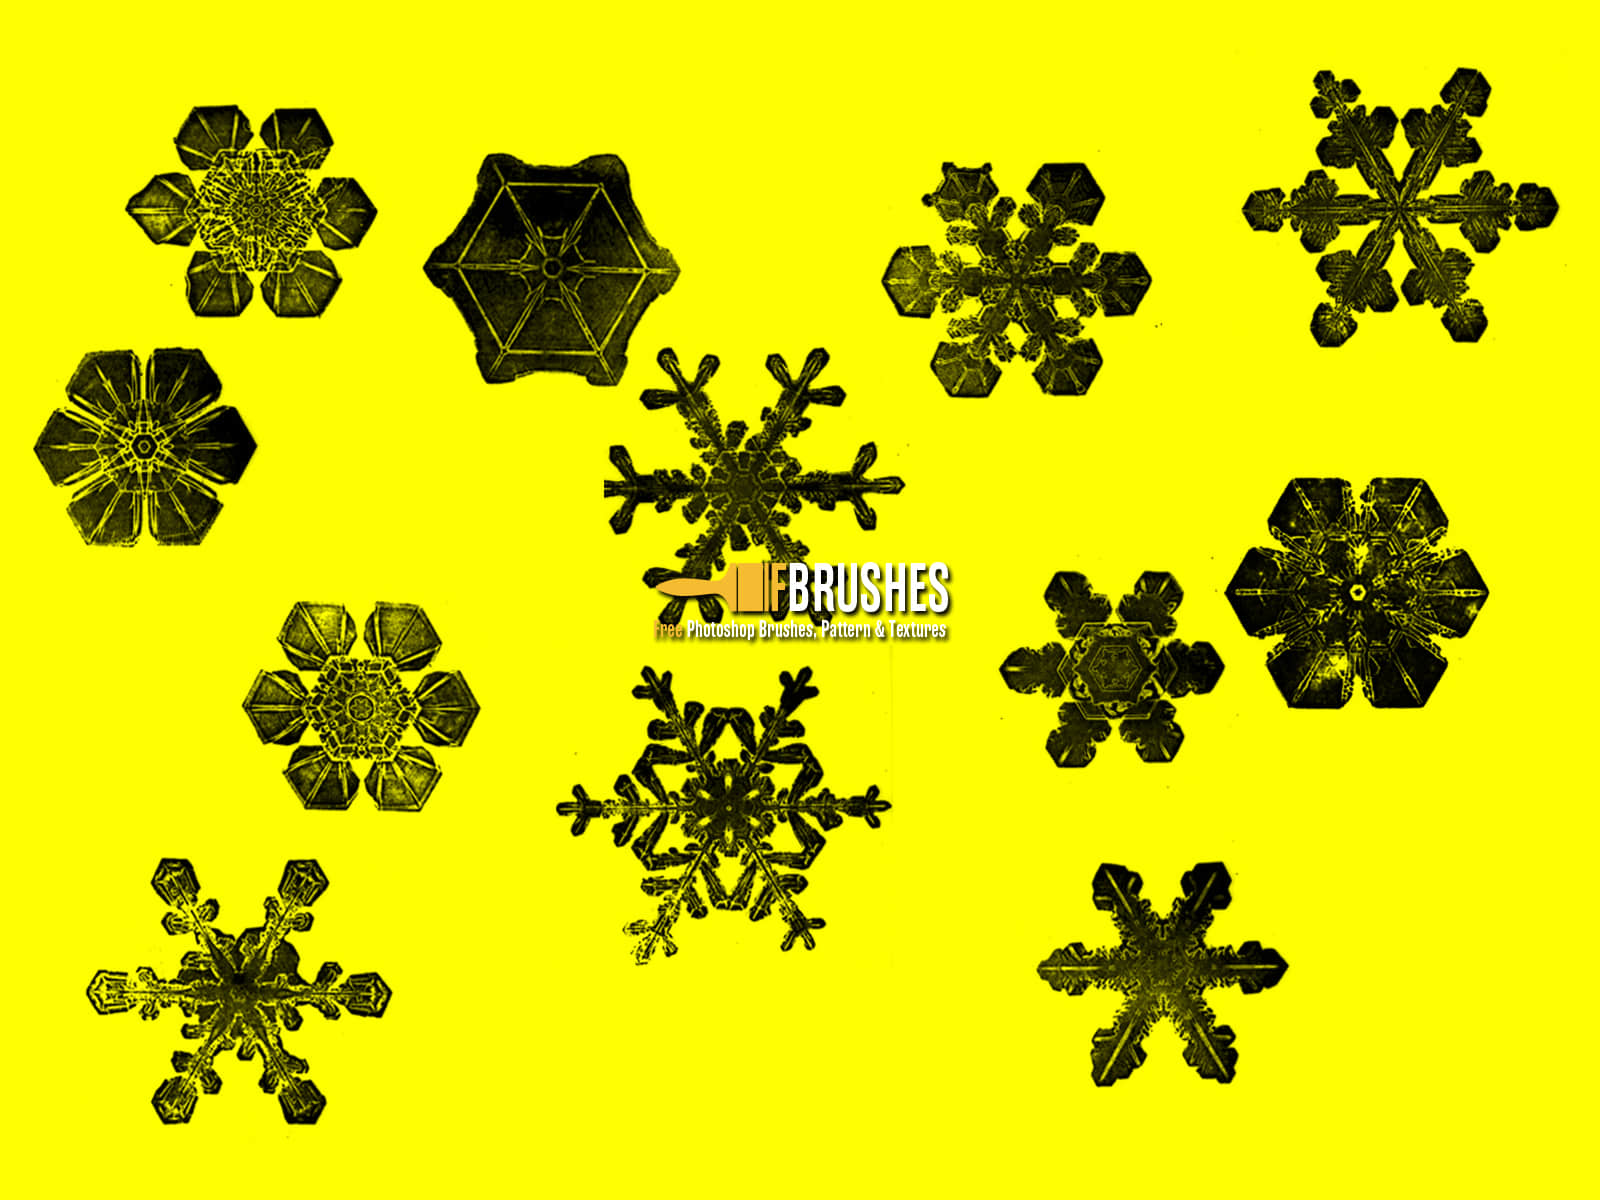 放大的雪花、冰晶图案Photoshop笔刷下载